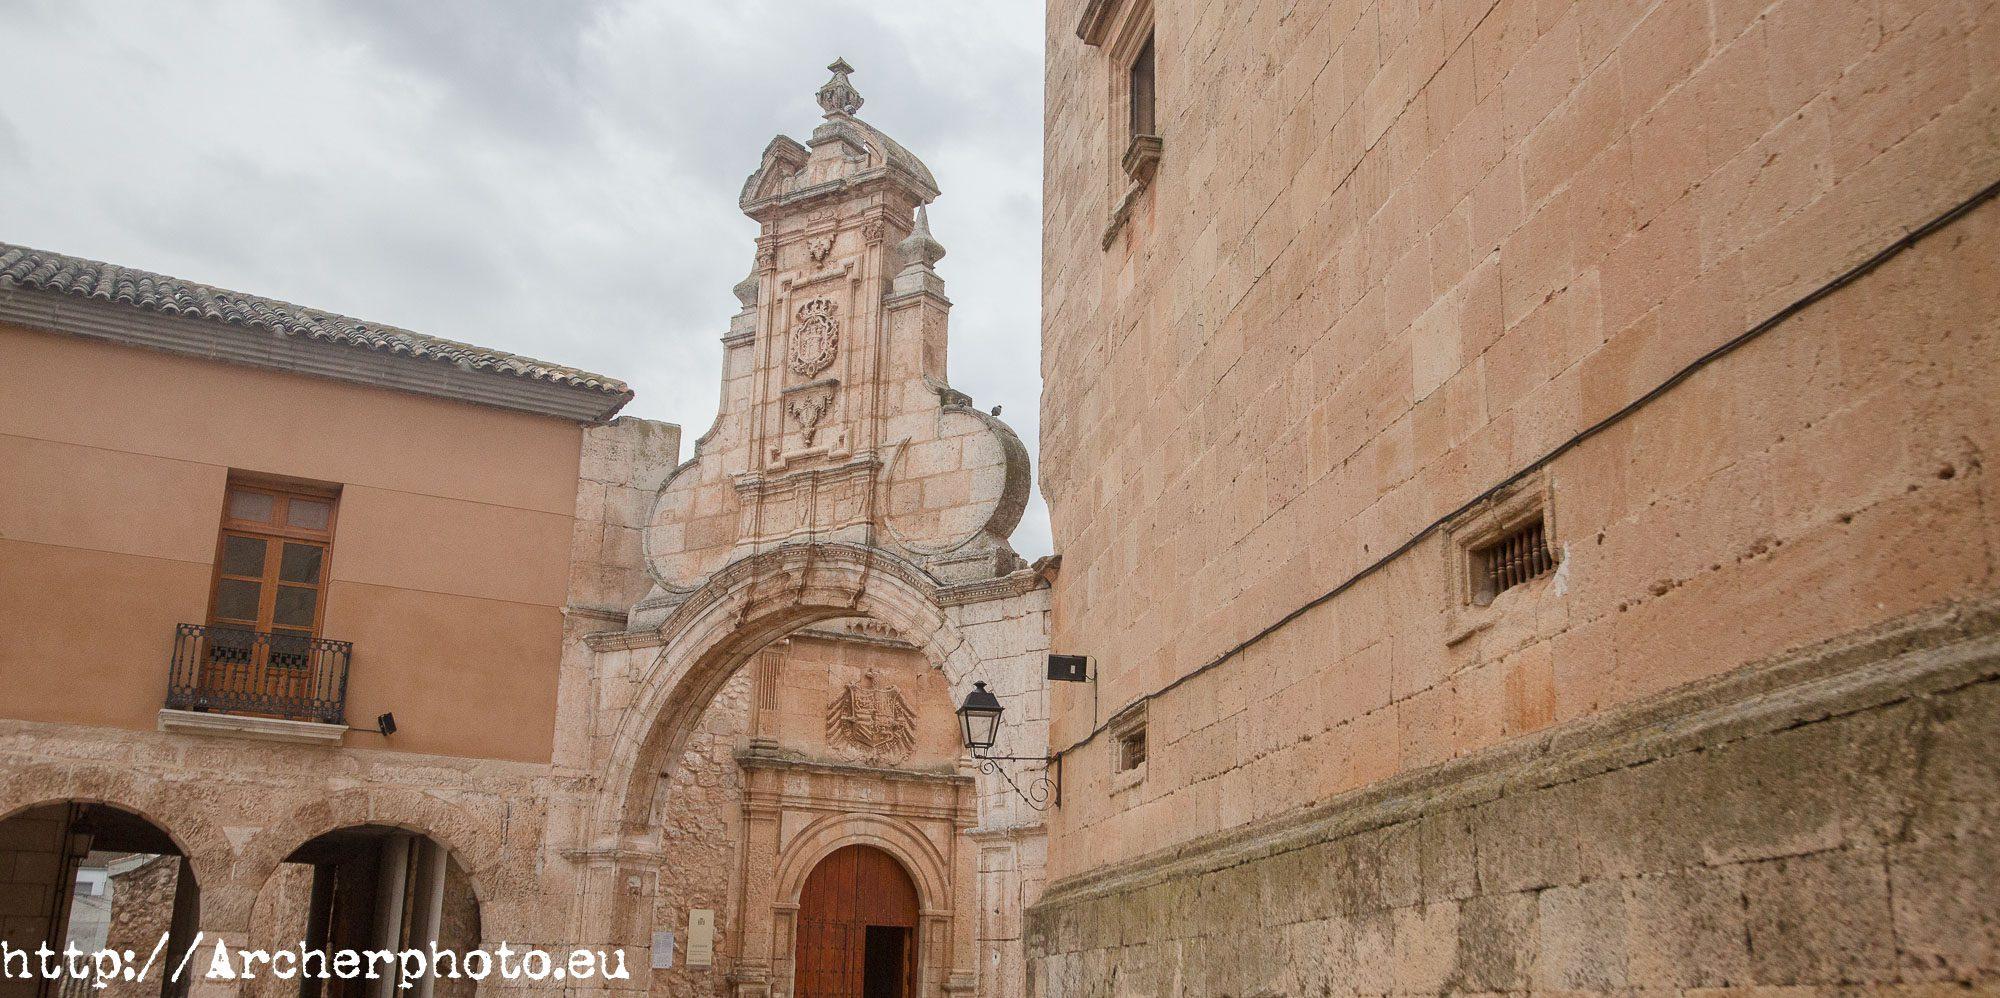 Arco barroco San Clemente, Cuenca por Sergi Albir, fotógrafo profesional